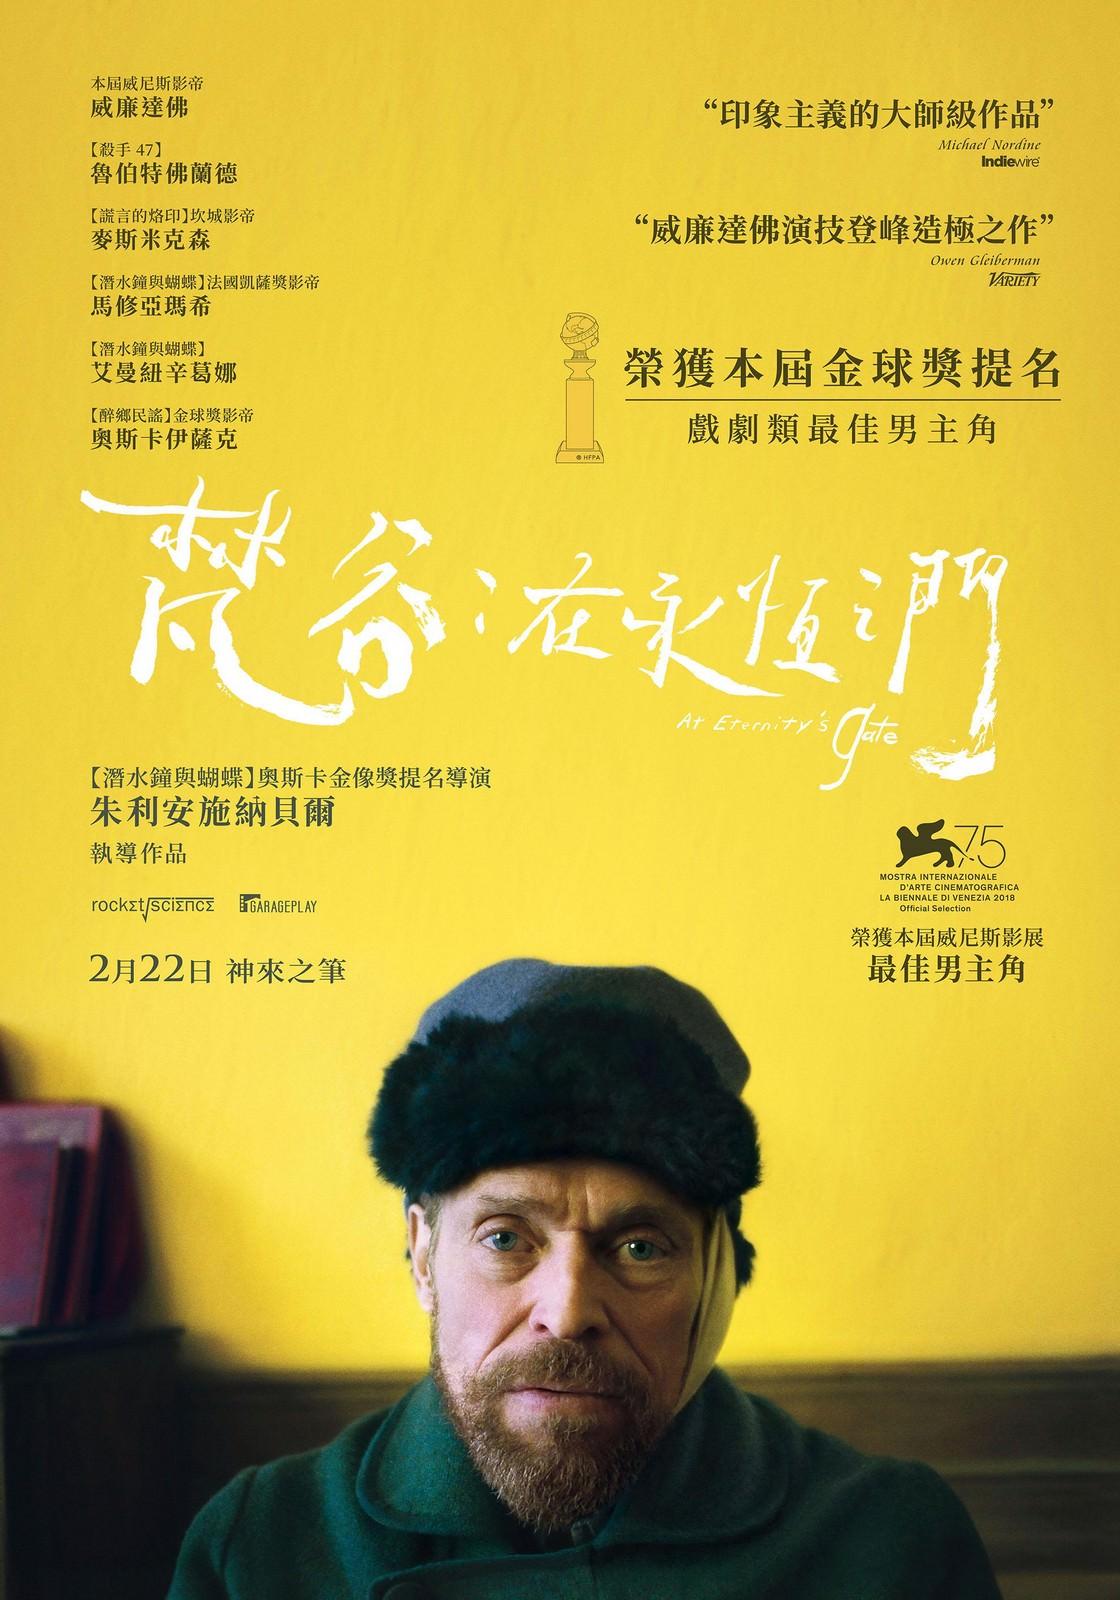 Movie, 梵谷:在永恆之門 / At Eternity's Gate(美國, 2018年) / 梵高.永恆之門(香港) / 永恒之门(網路), 電影海報, 台灣